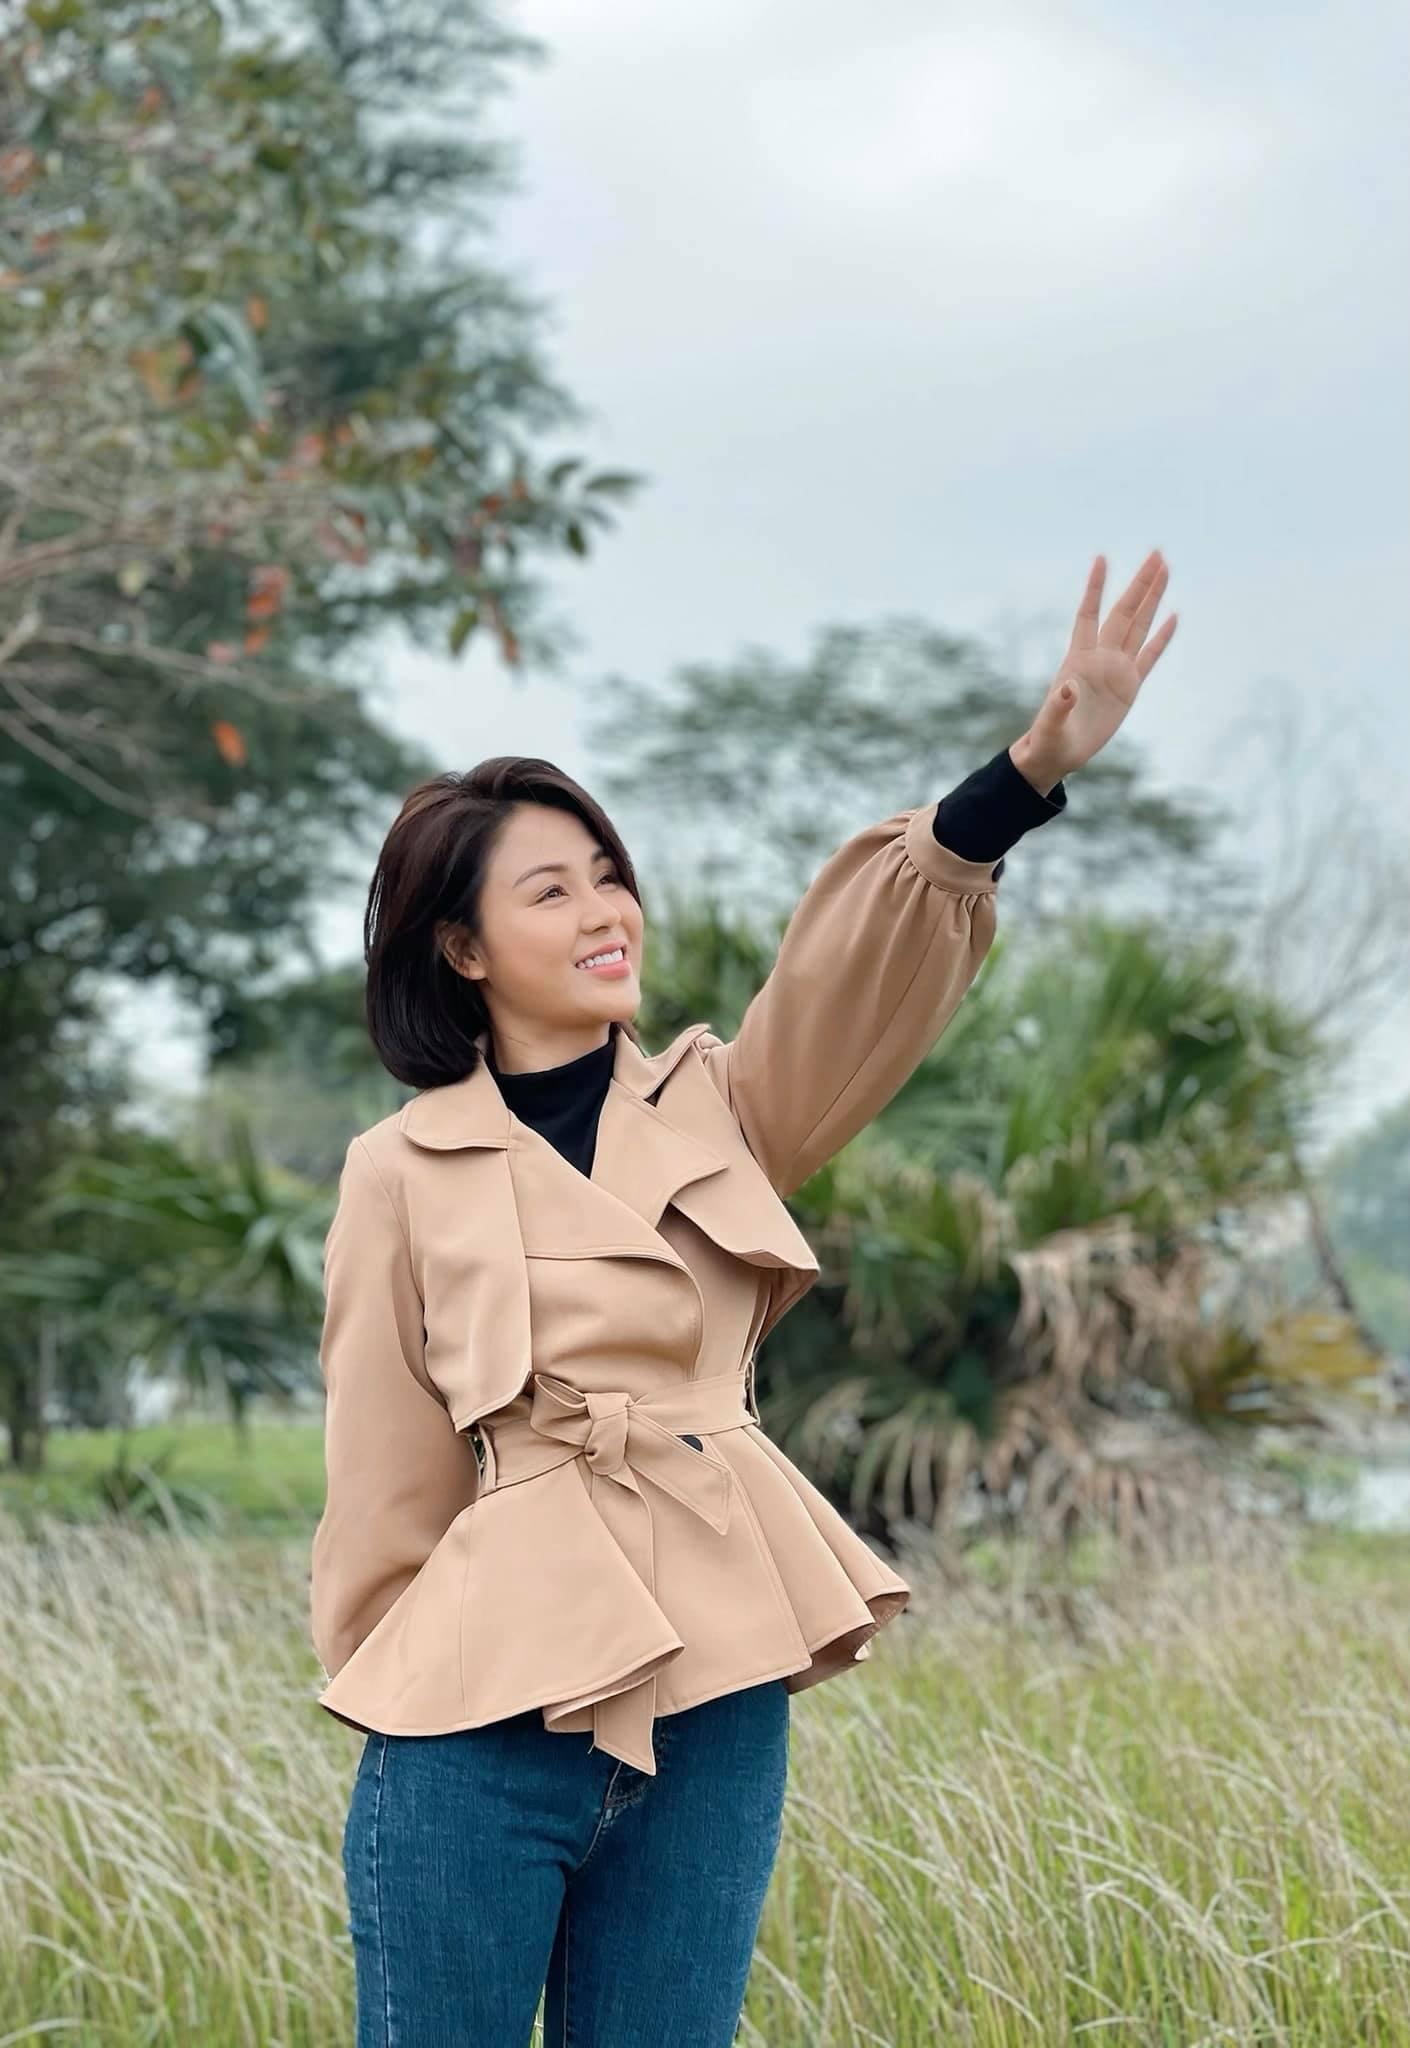 Nữ chính 'hot' Hướng dương ngược nắng: 'Tôi hài lòng với cuộc sống mẹ đơn thân'